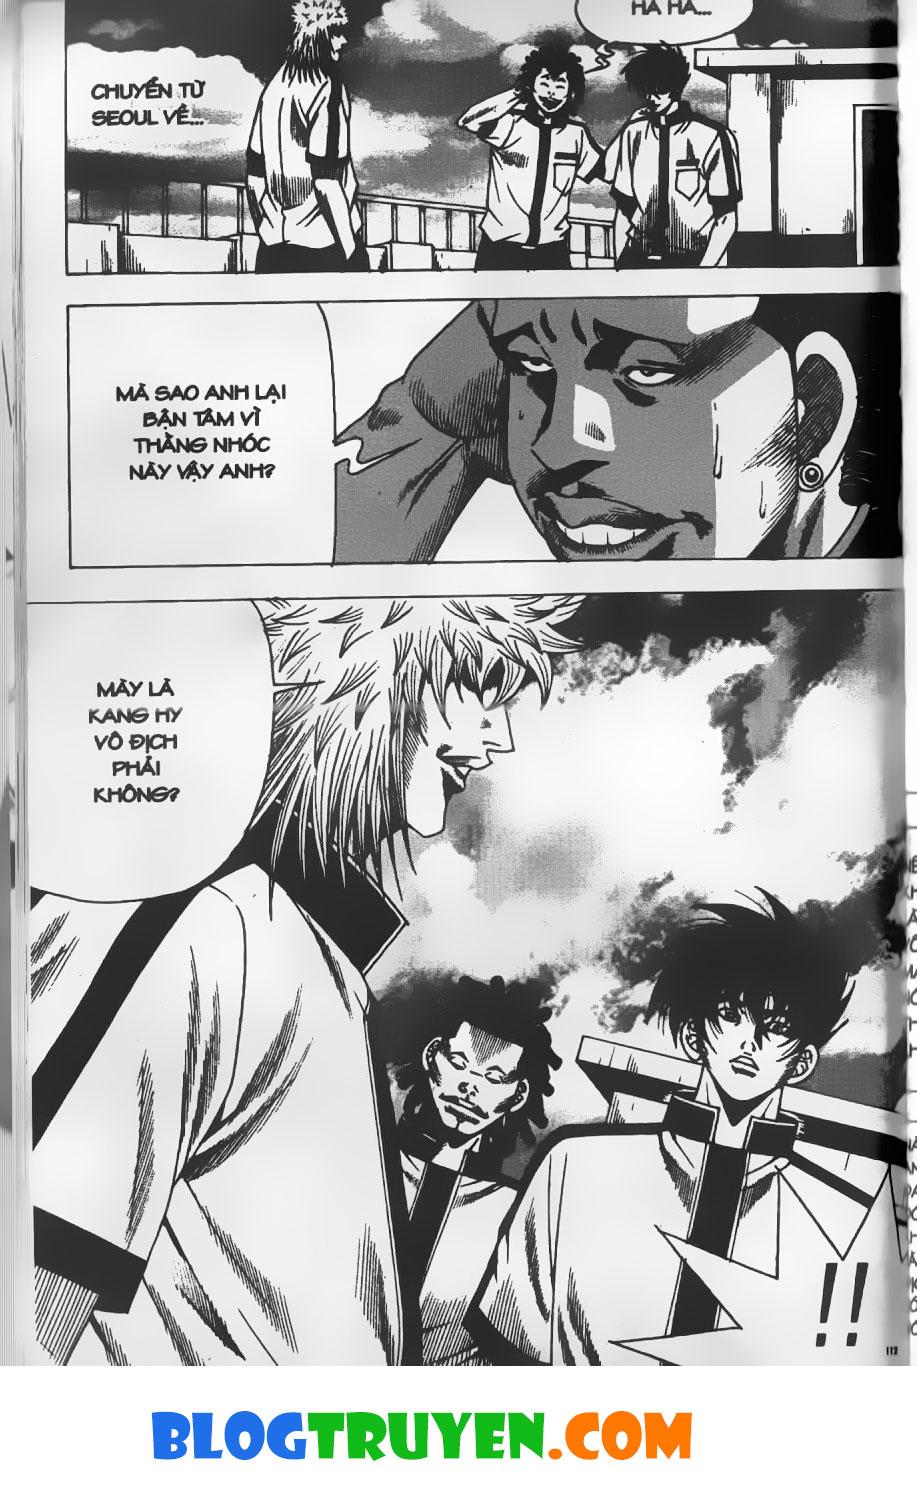 Bitagi - Anh chàng ngổ ngáo chap 244 trang 2